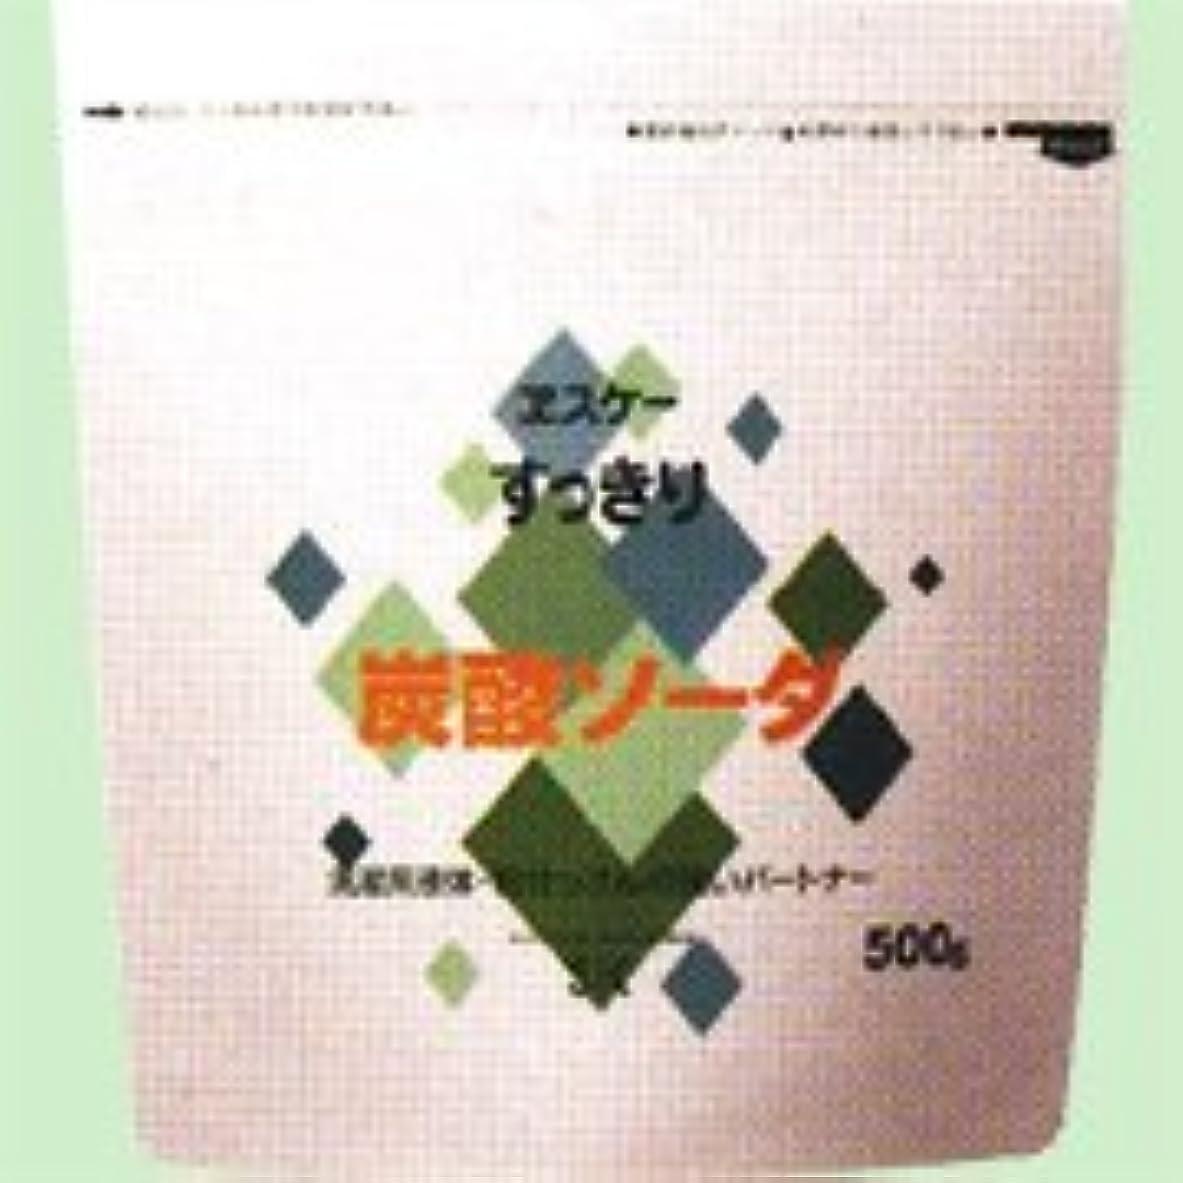 ひいきにする芝生プーノすっきり炭酸ソーダ 500g   エスケー石鹸